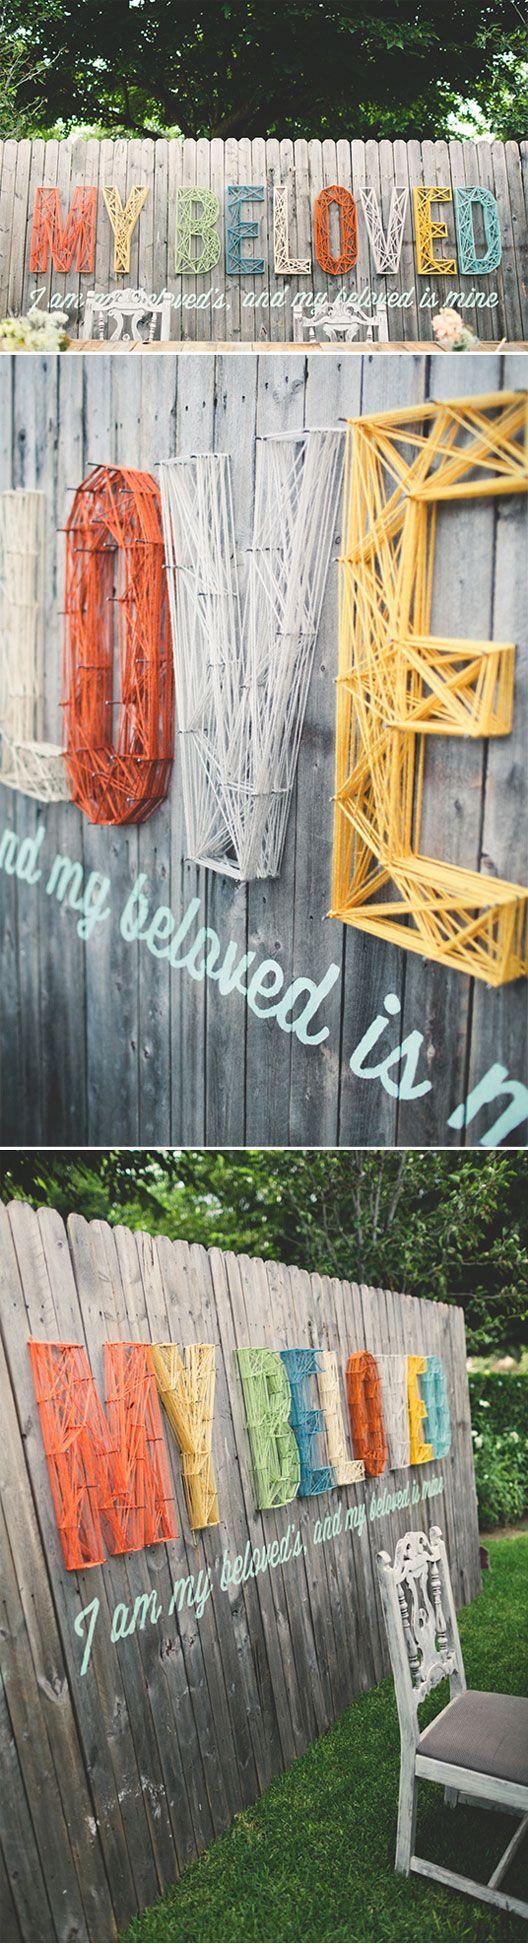 Yarn lettering!